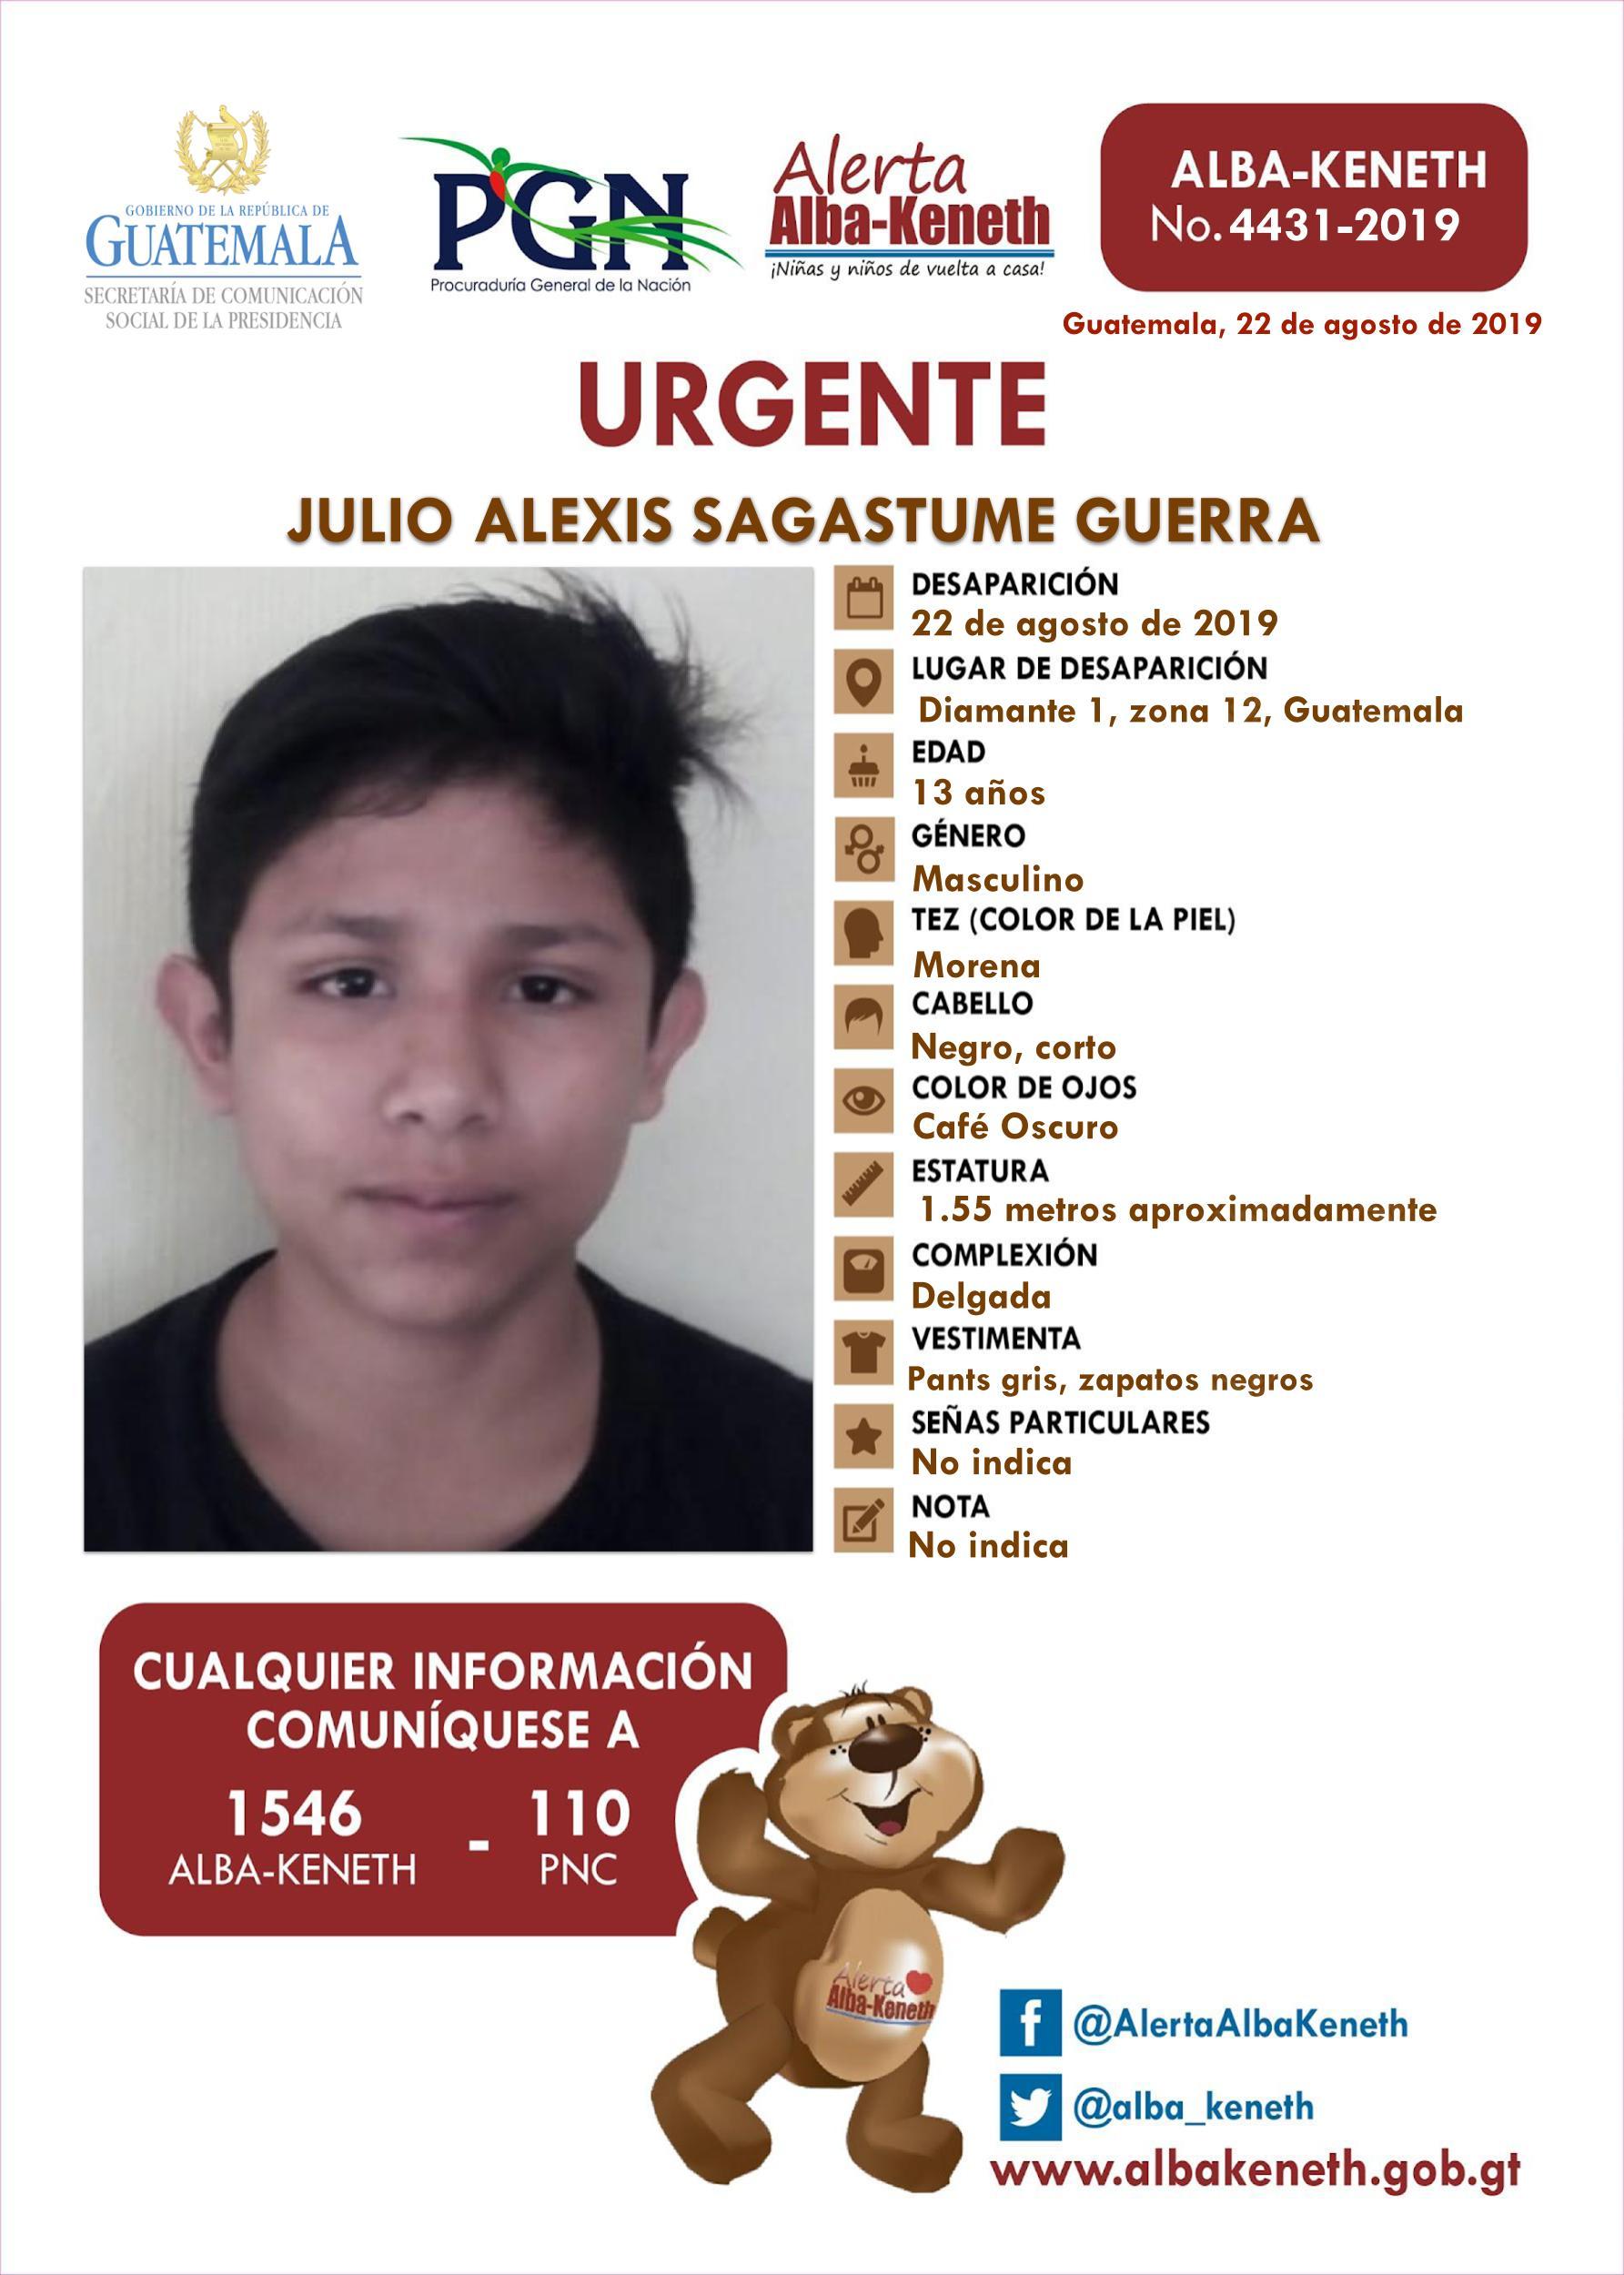 Julio Alexis Sagastume Guerra